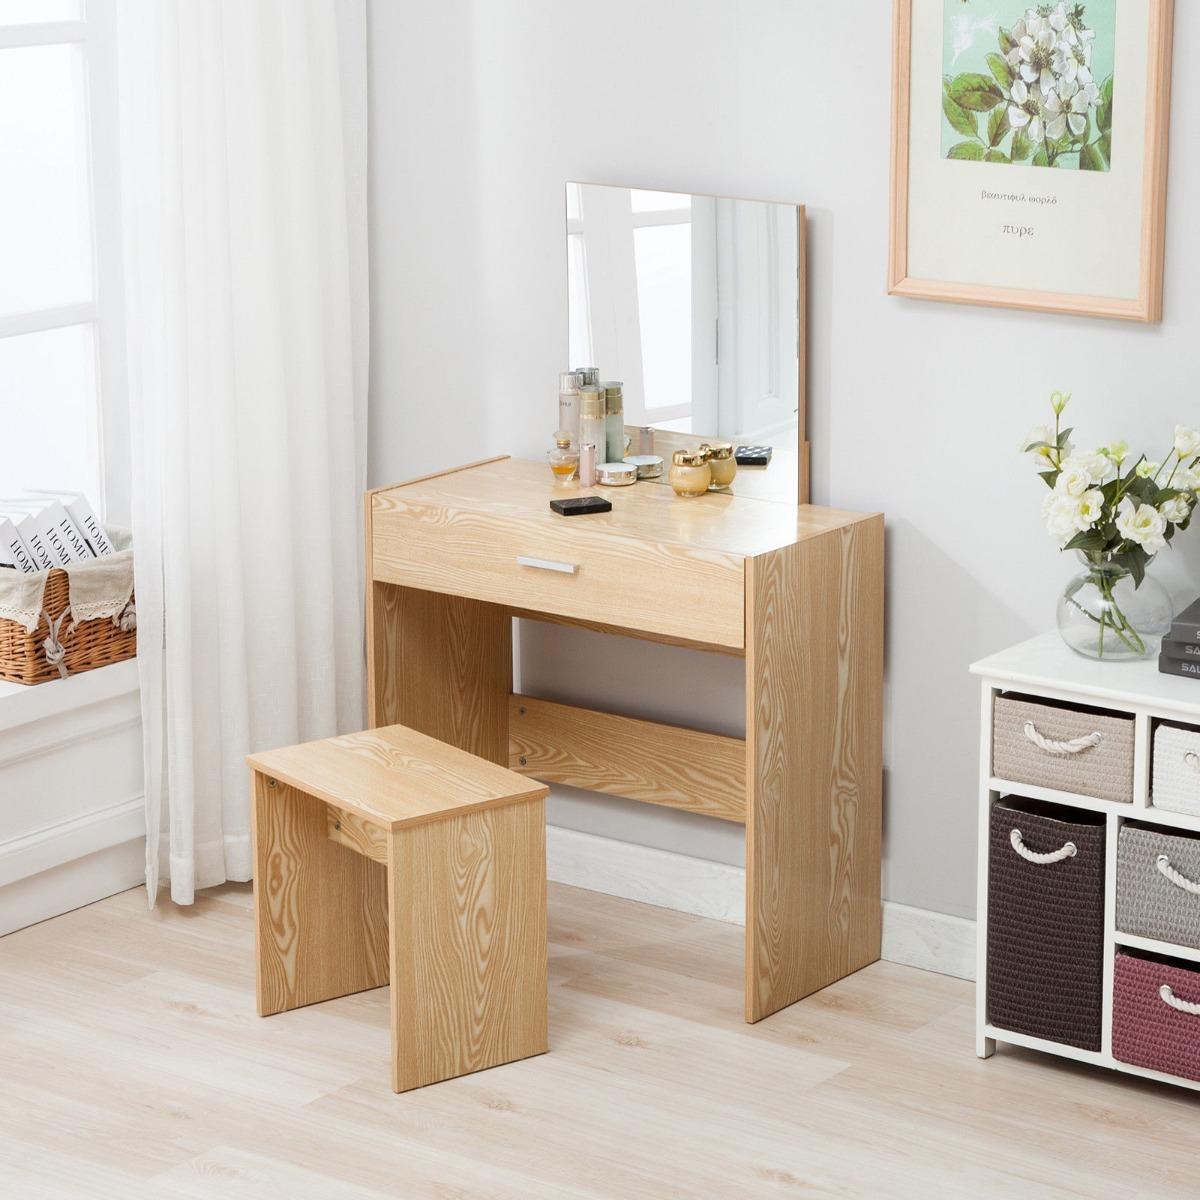 Tocador set de mesa y taburete y espejo color beige 2 en mercado libre - Espejo de mesa ...